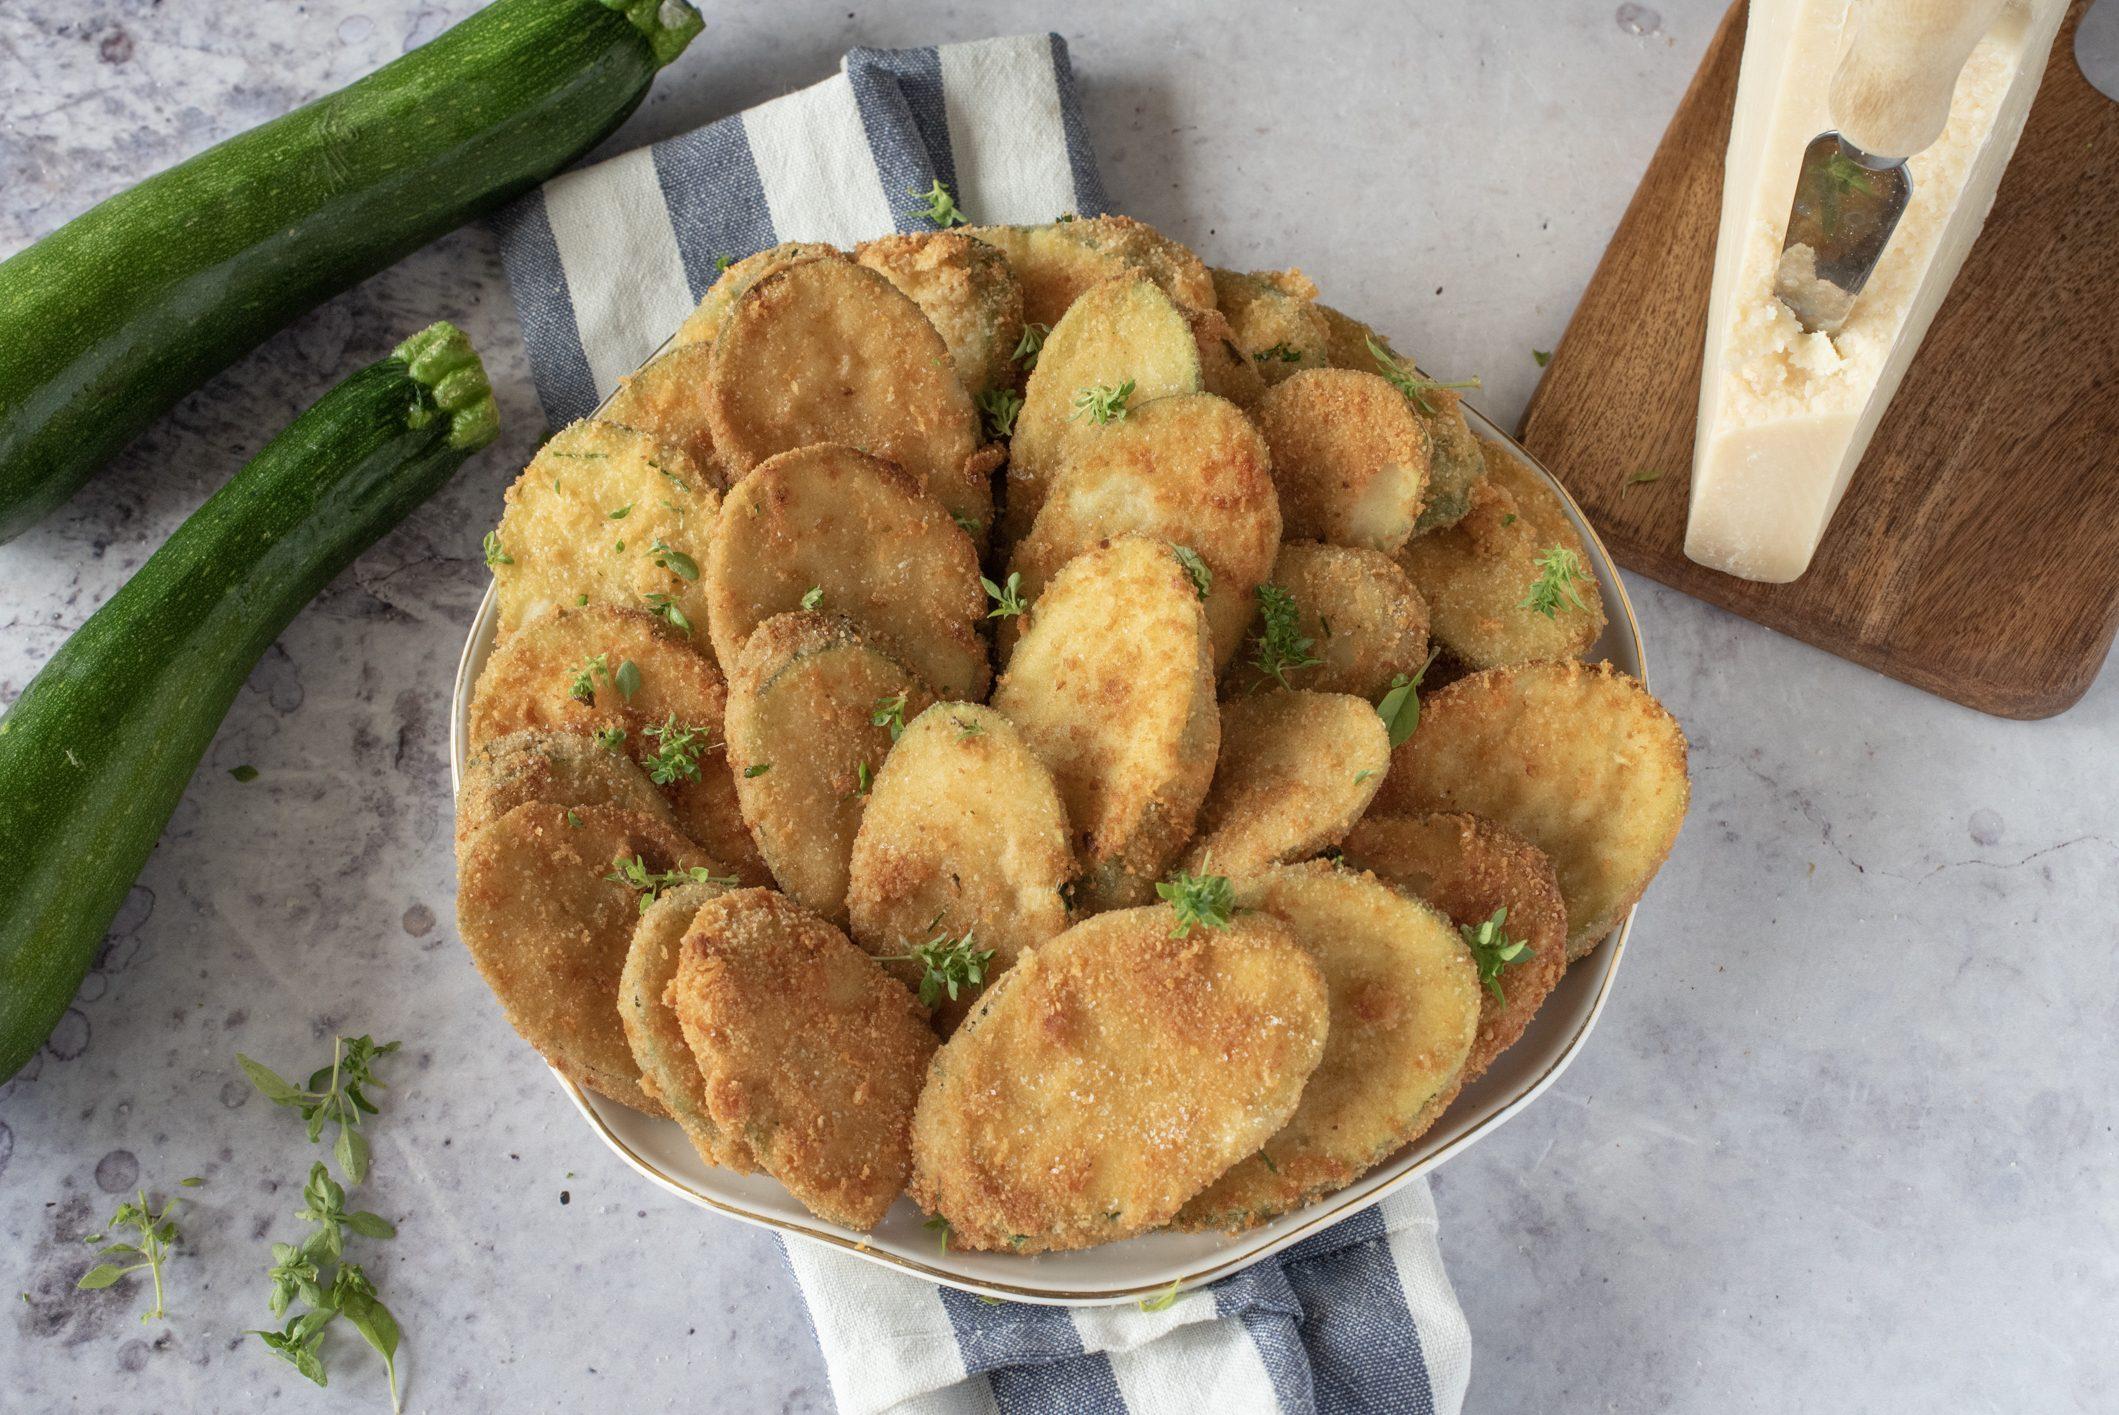 Cotolette di zucchine: la ricetta del piatto sfizioso e semplicissimo da realizzare